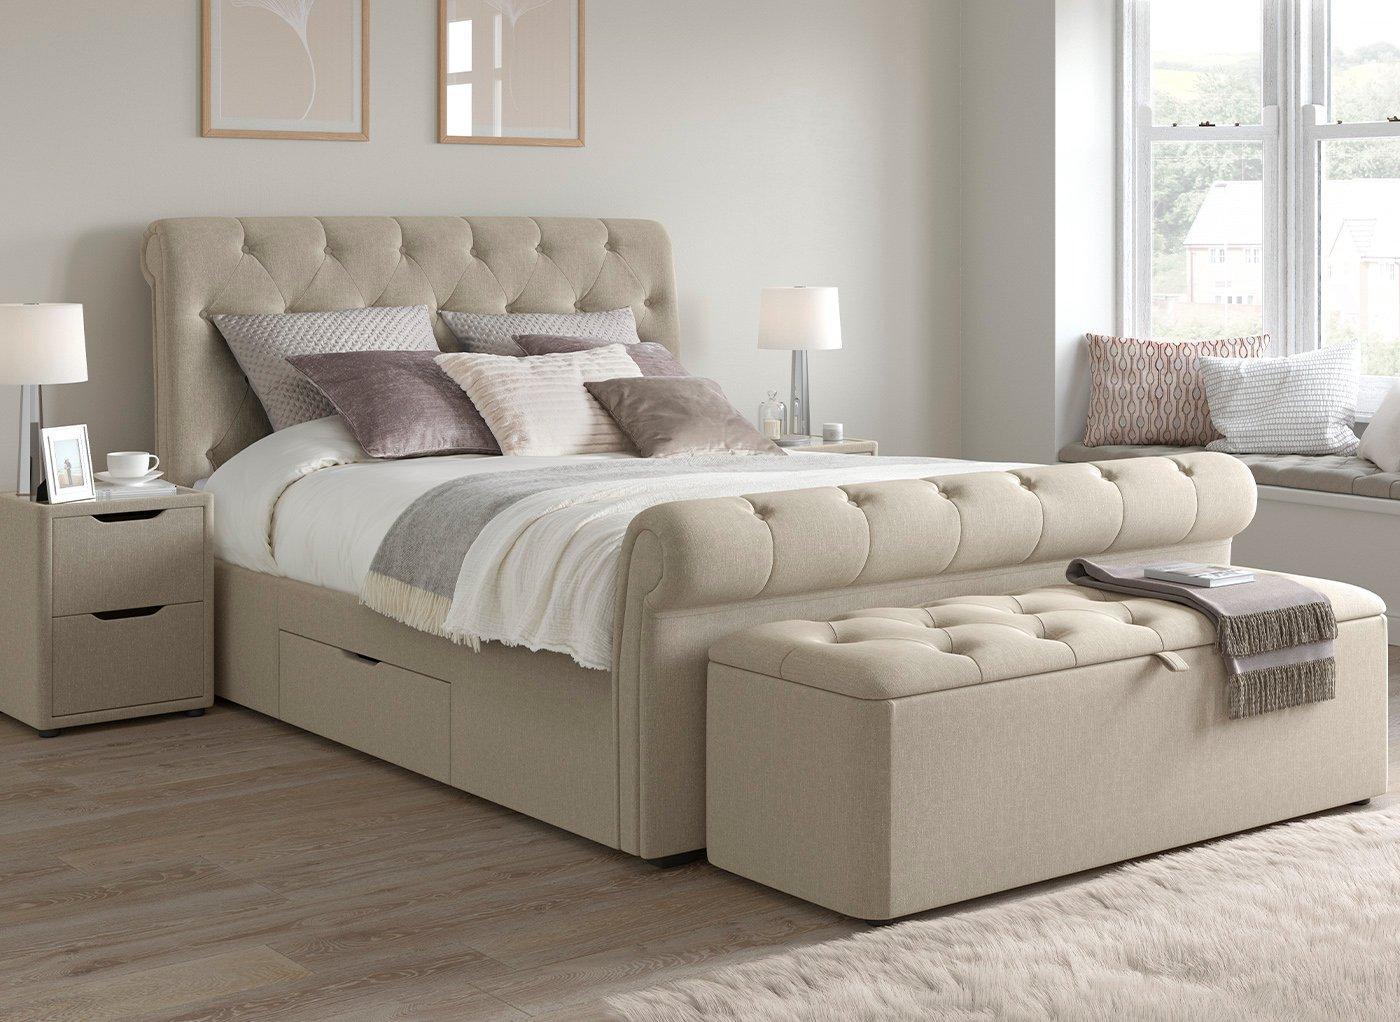 Langford Upholstered Bed Frame 5 0 King Beige Bed Sava